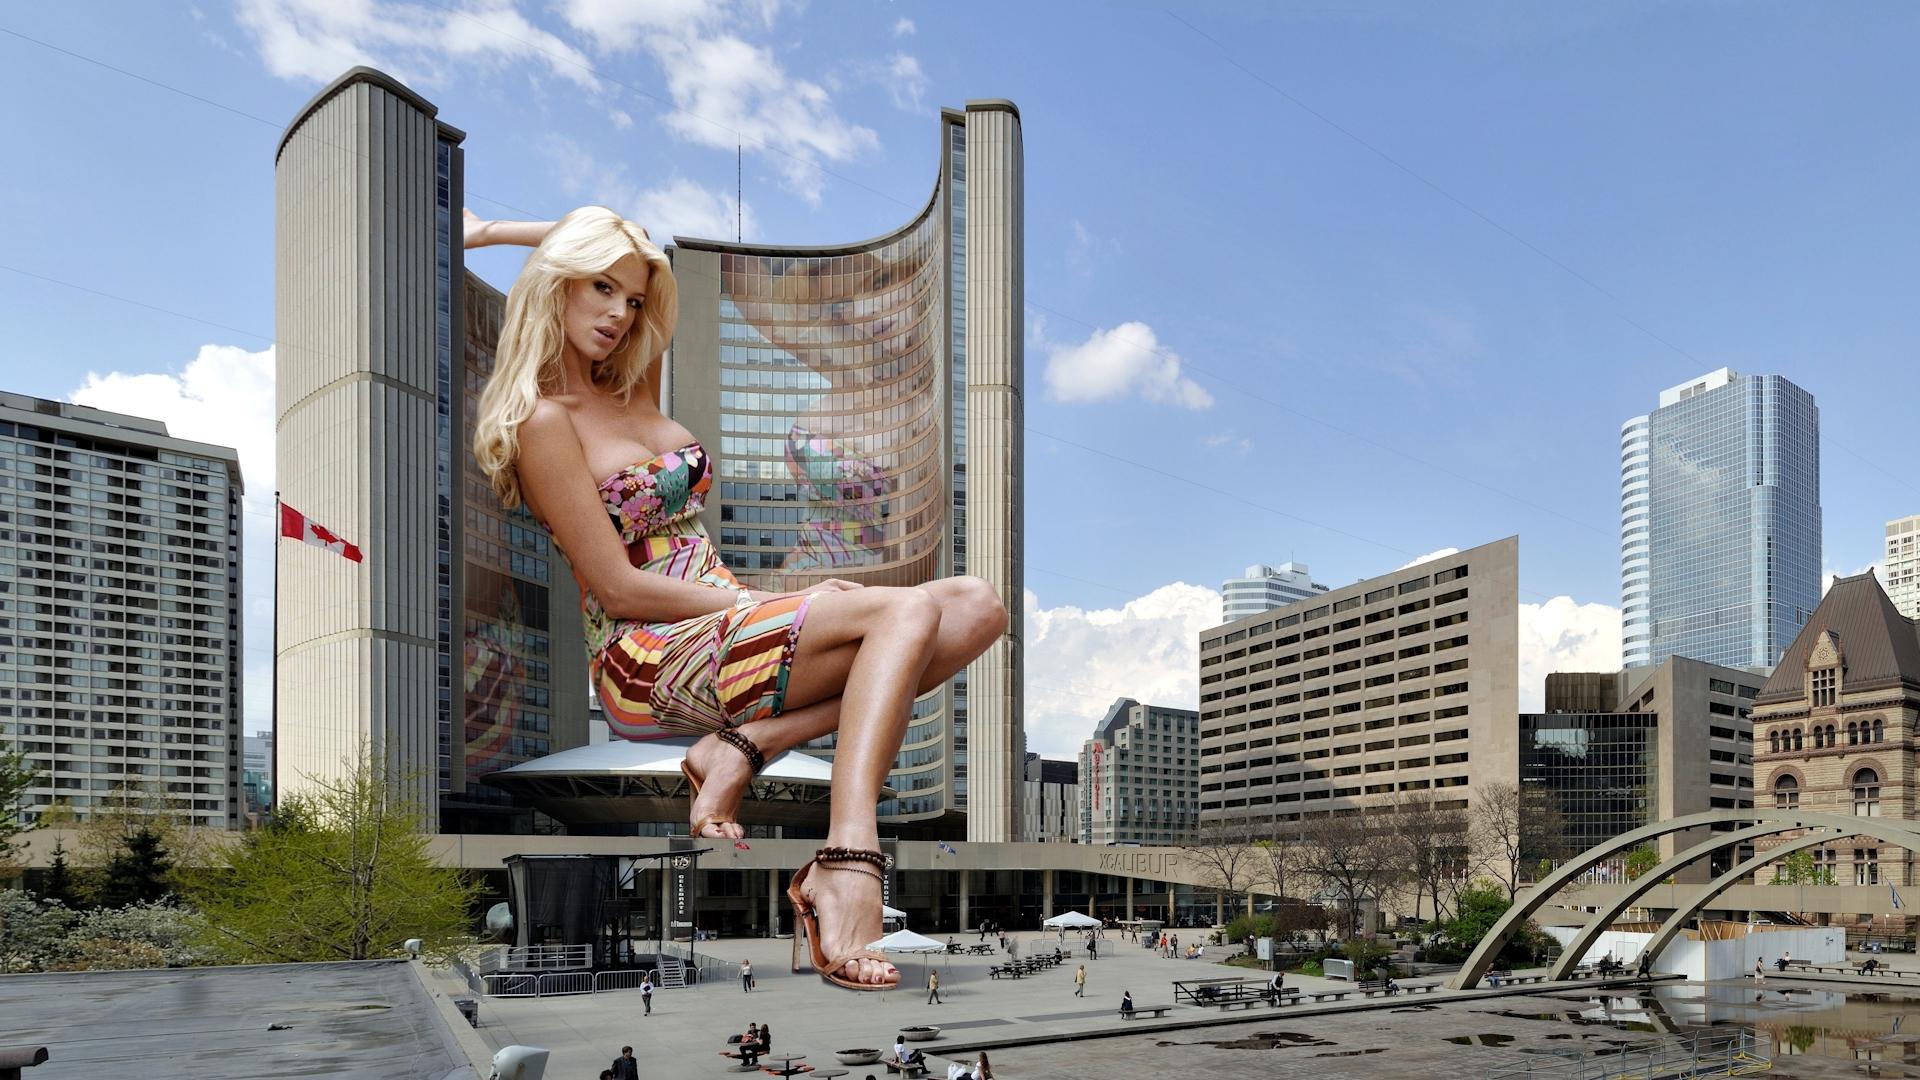 Фотографии голых женщин в городе 18 фотография